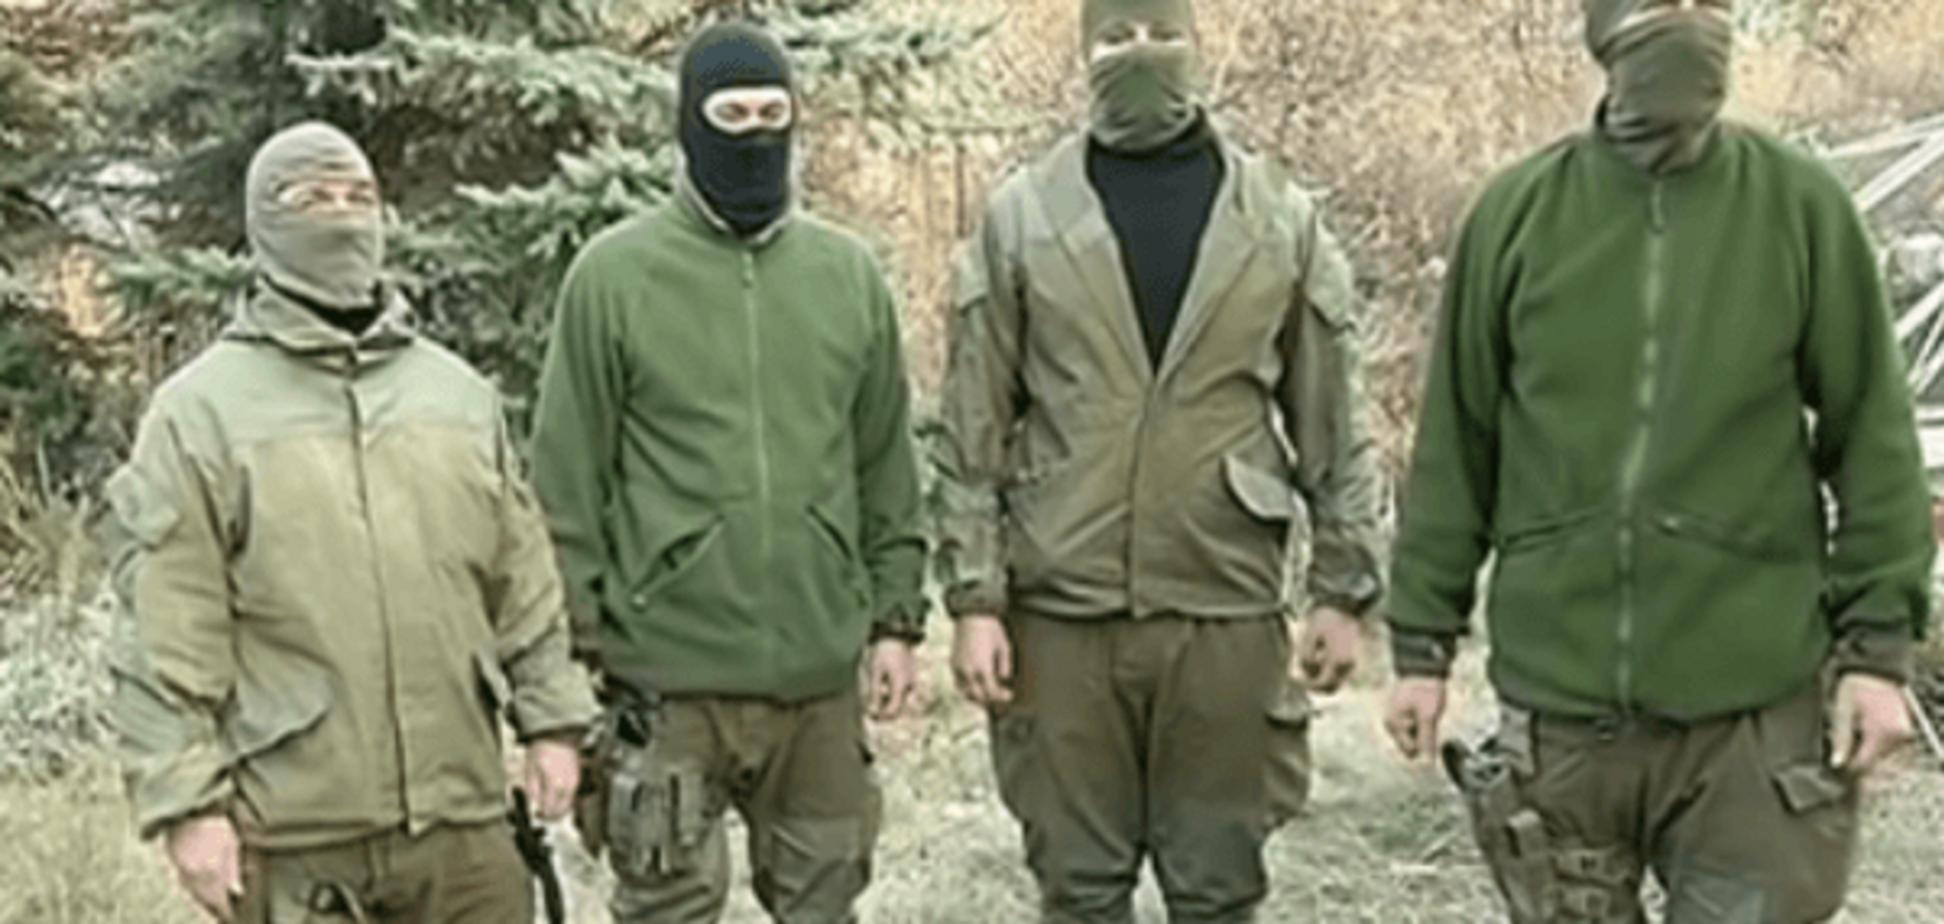 'Че за х**ня': журналістка показала епічне обурення воїнів АТО. Відеофакт